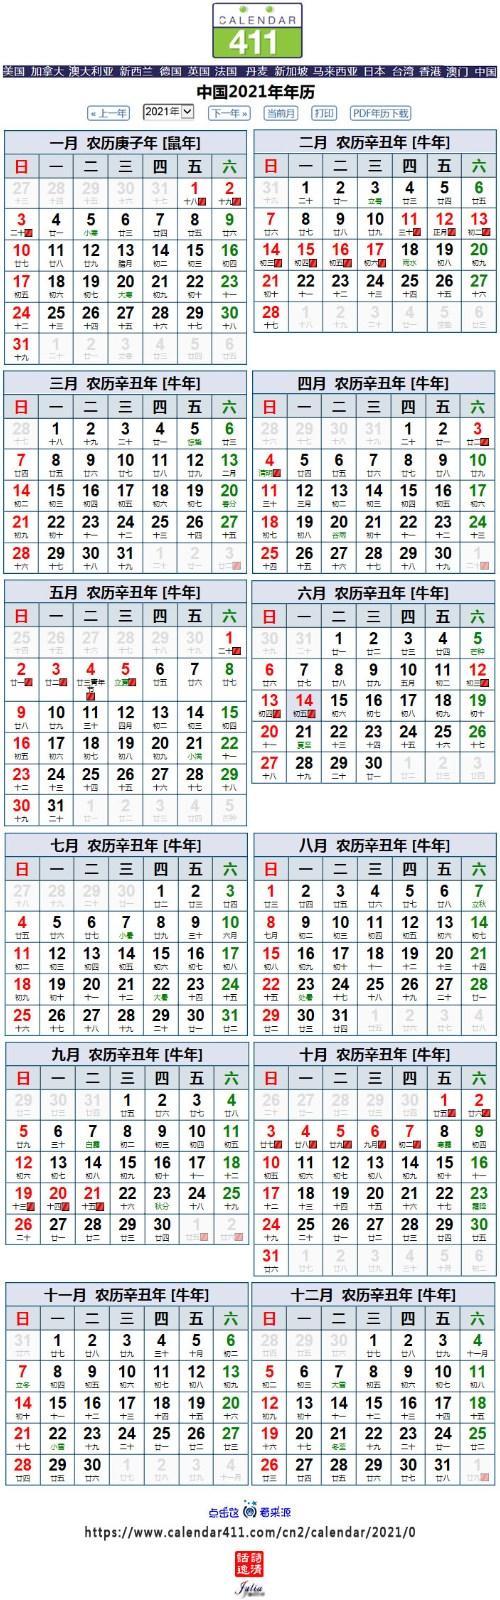 【2021年农阳年历·今天五月端午节】(1027)《端午节诗词大全》(41首) by Julia ..._图1-4